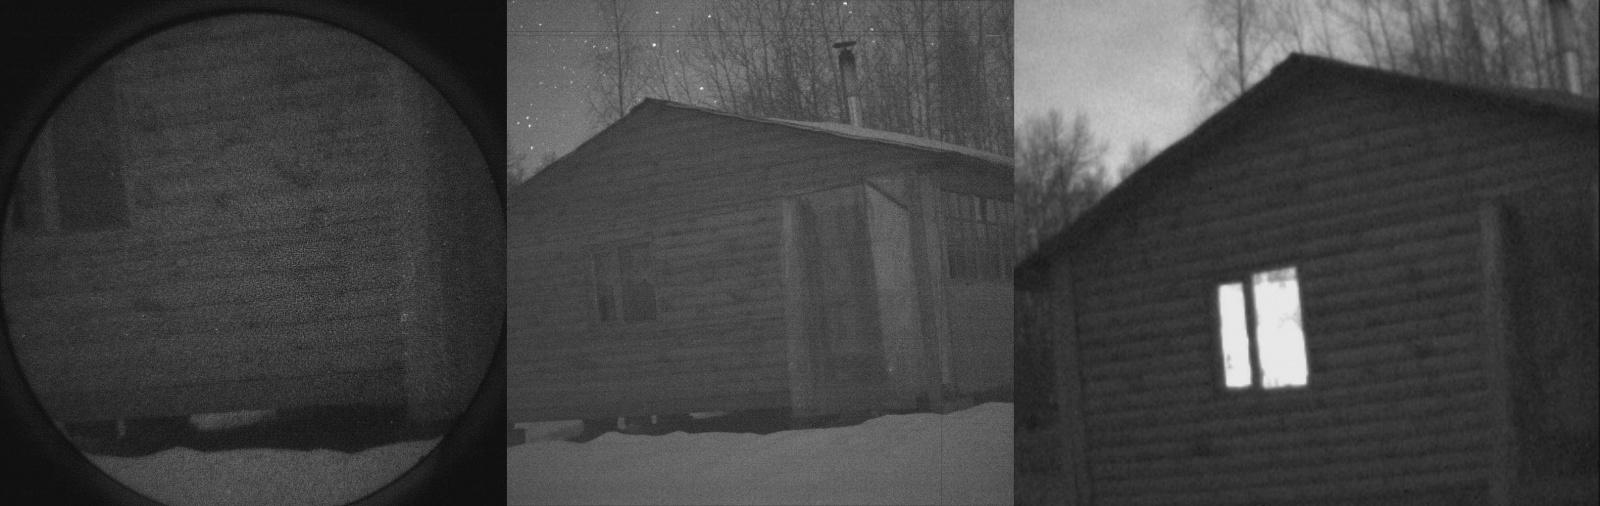 Как видят ночью разные камеры и приборы? - 7